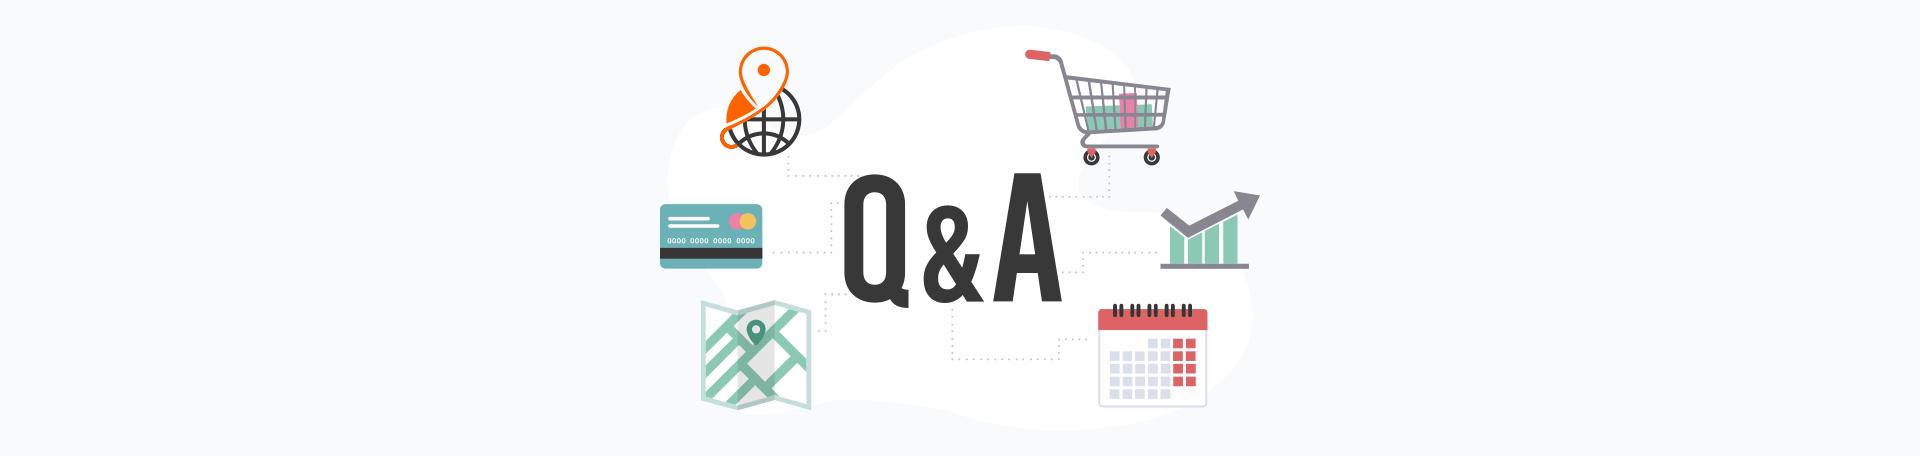 Domande e risposte su Sistema di Prenotazione Pinpoint 3.0, parte 1